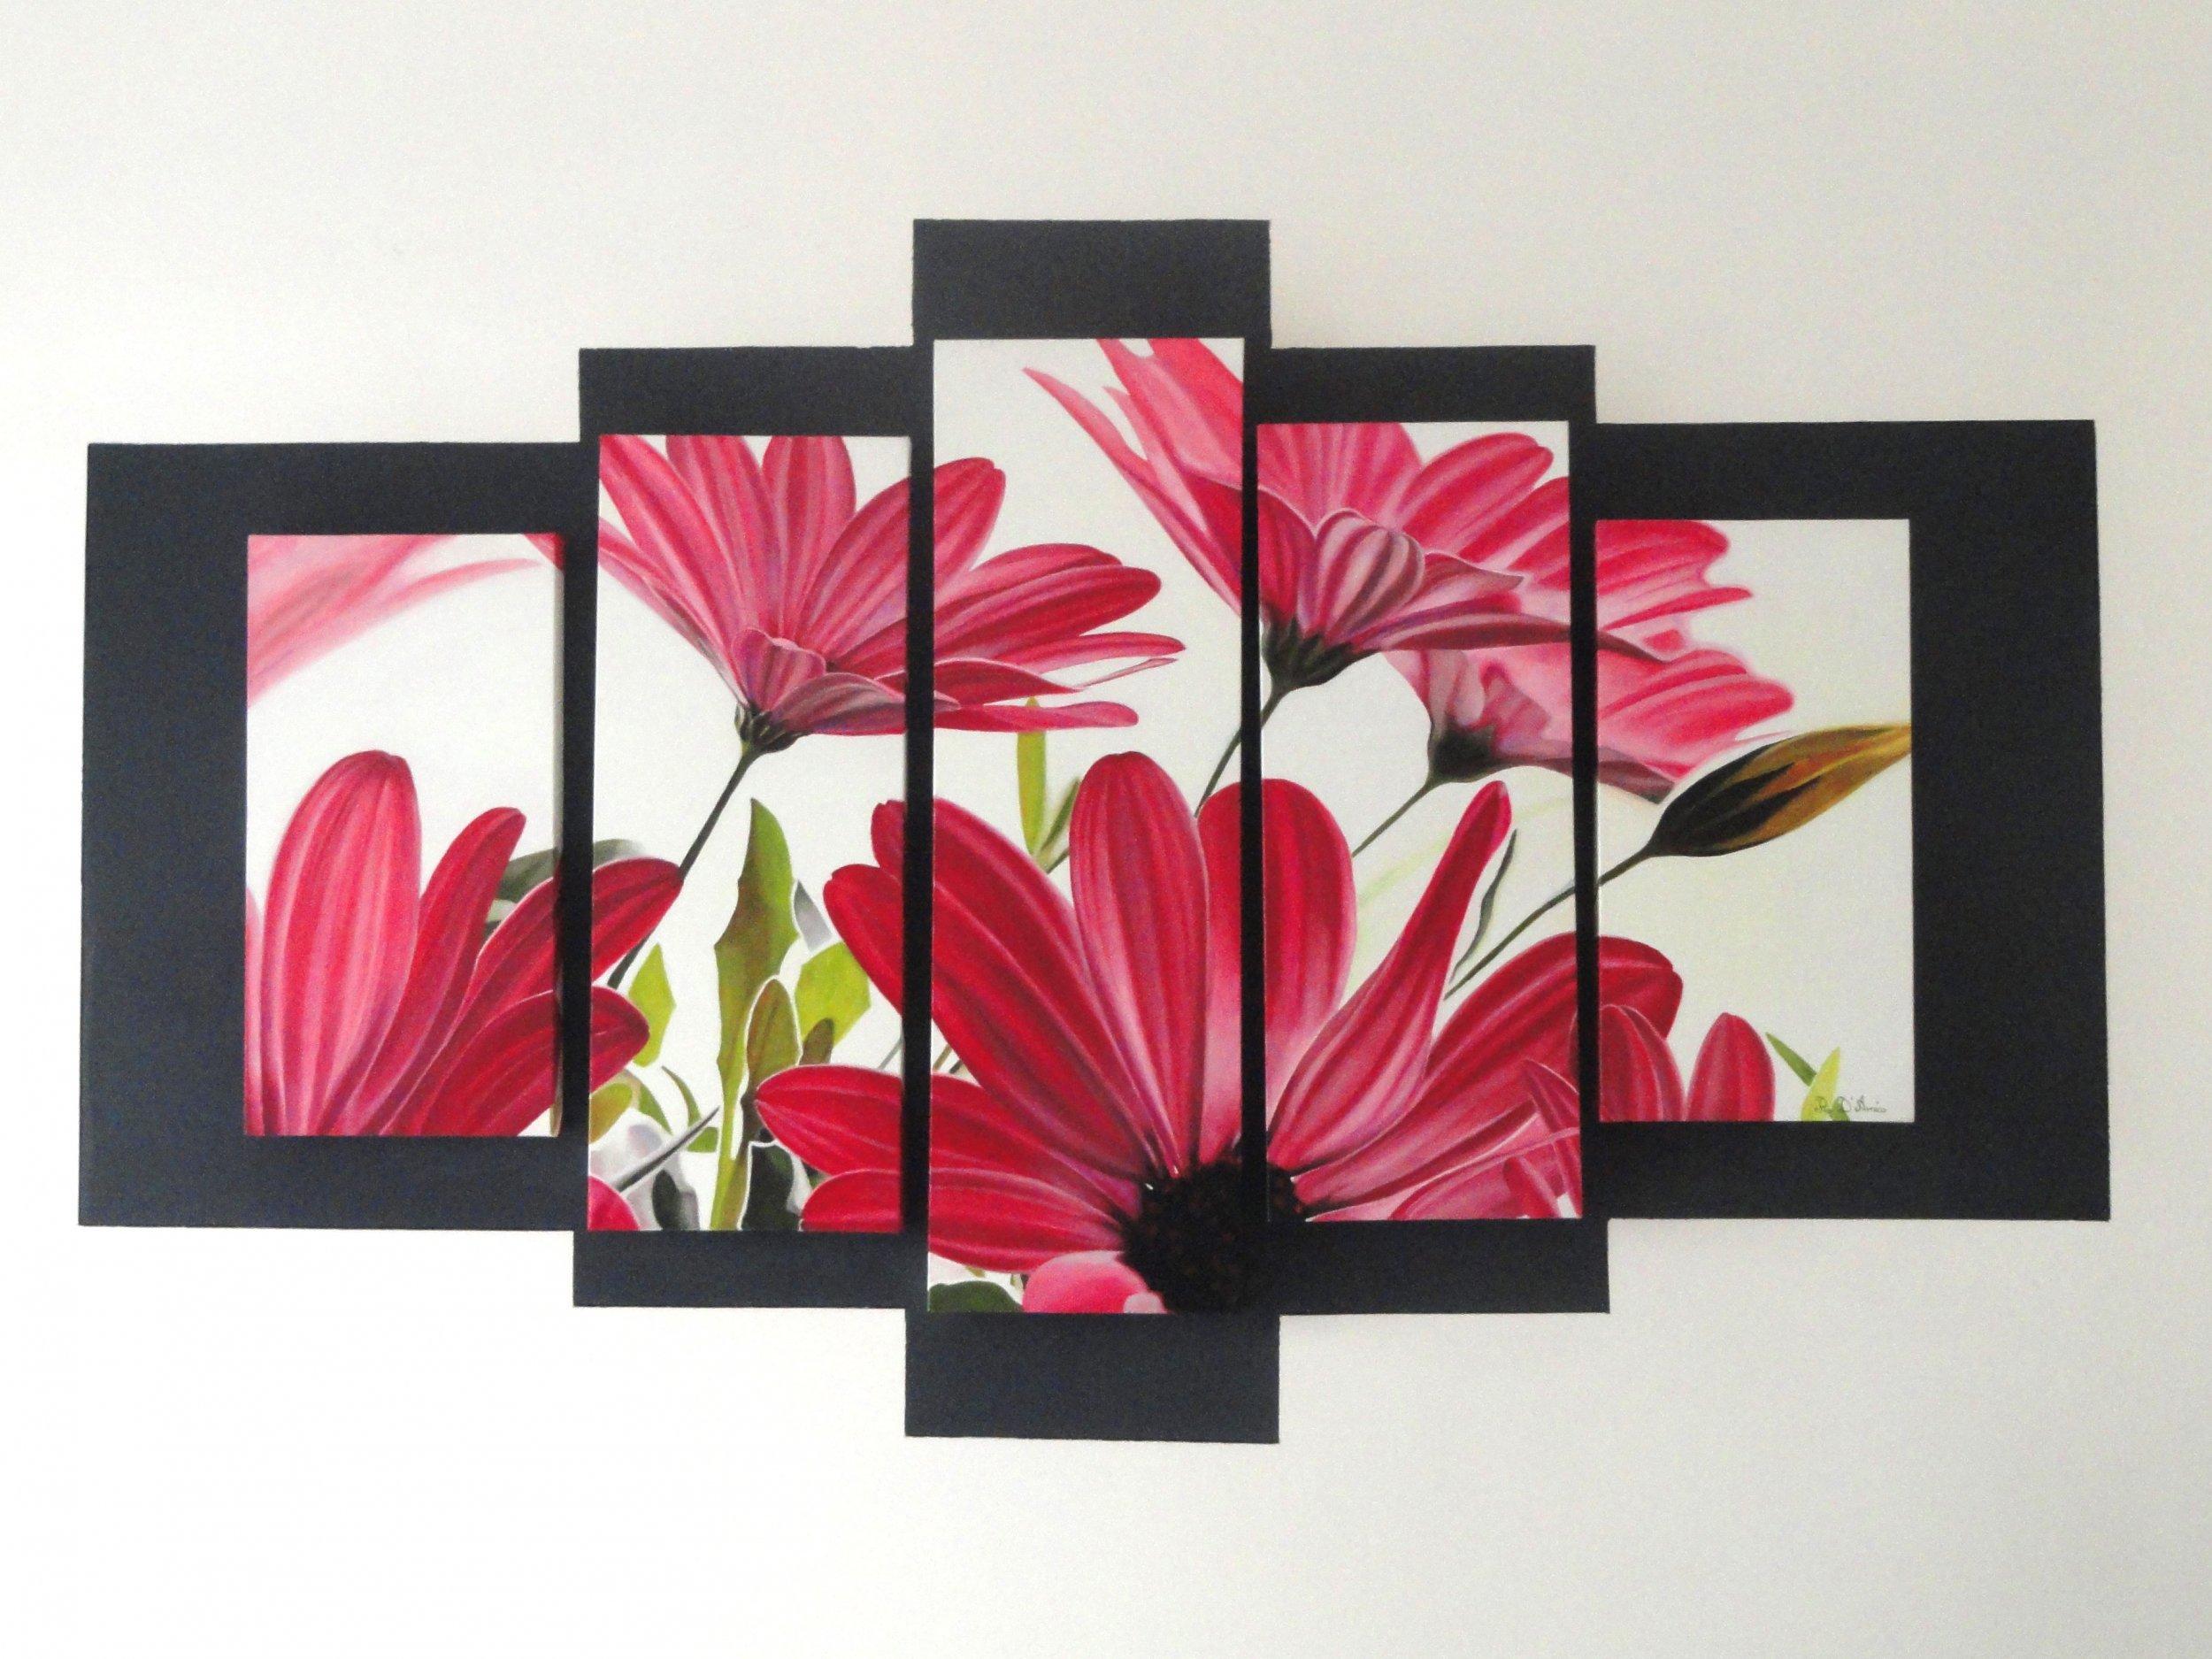 arredare con pannelli decorativi : pannelli decorativi - Rosanna DAmico - Artwork Celeste Prize